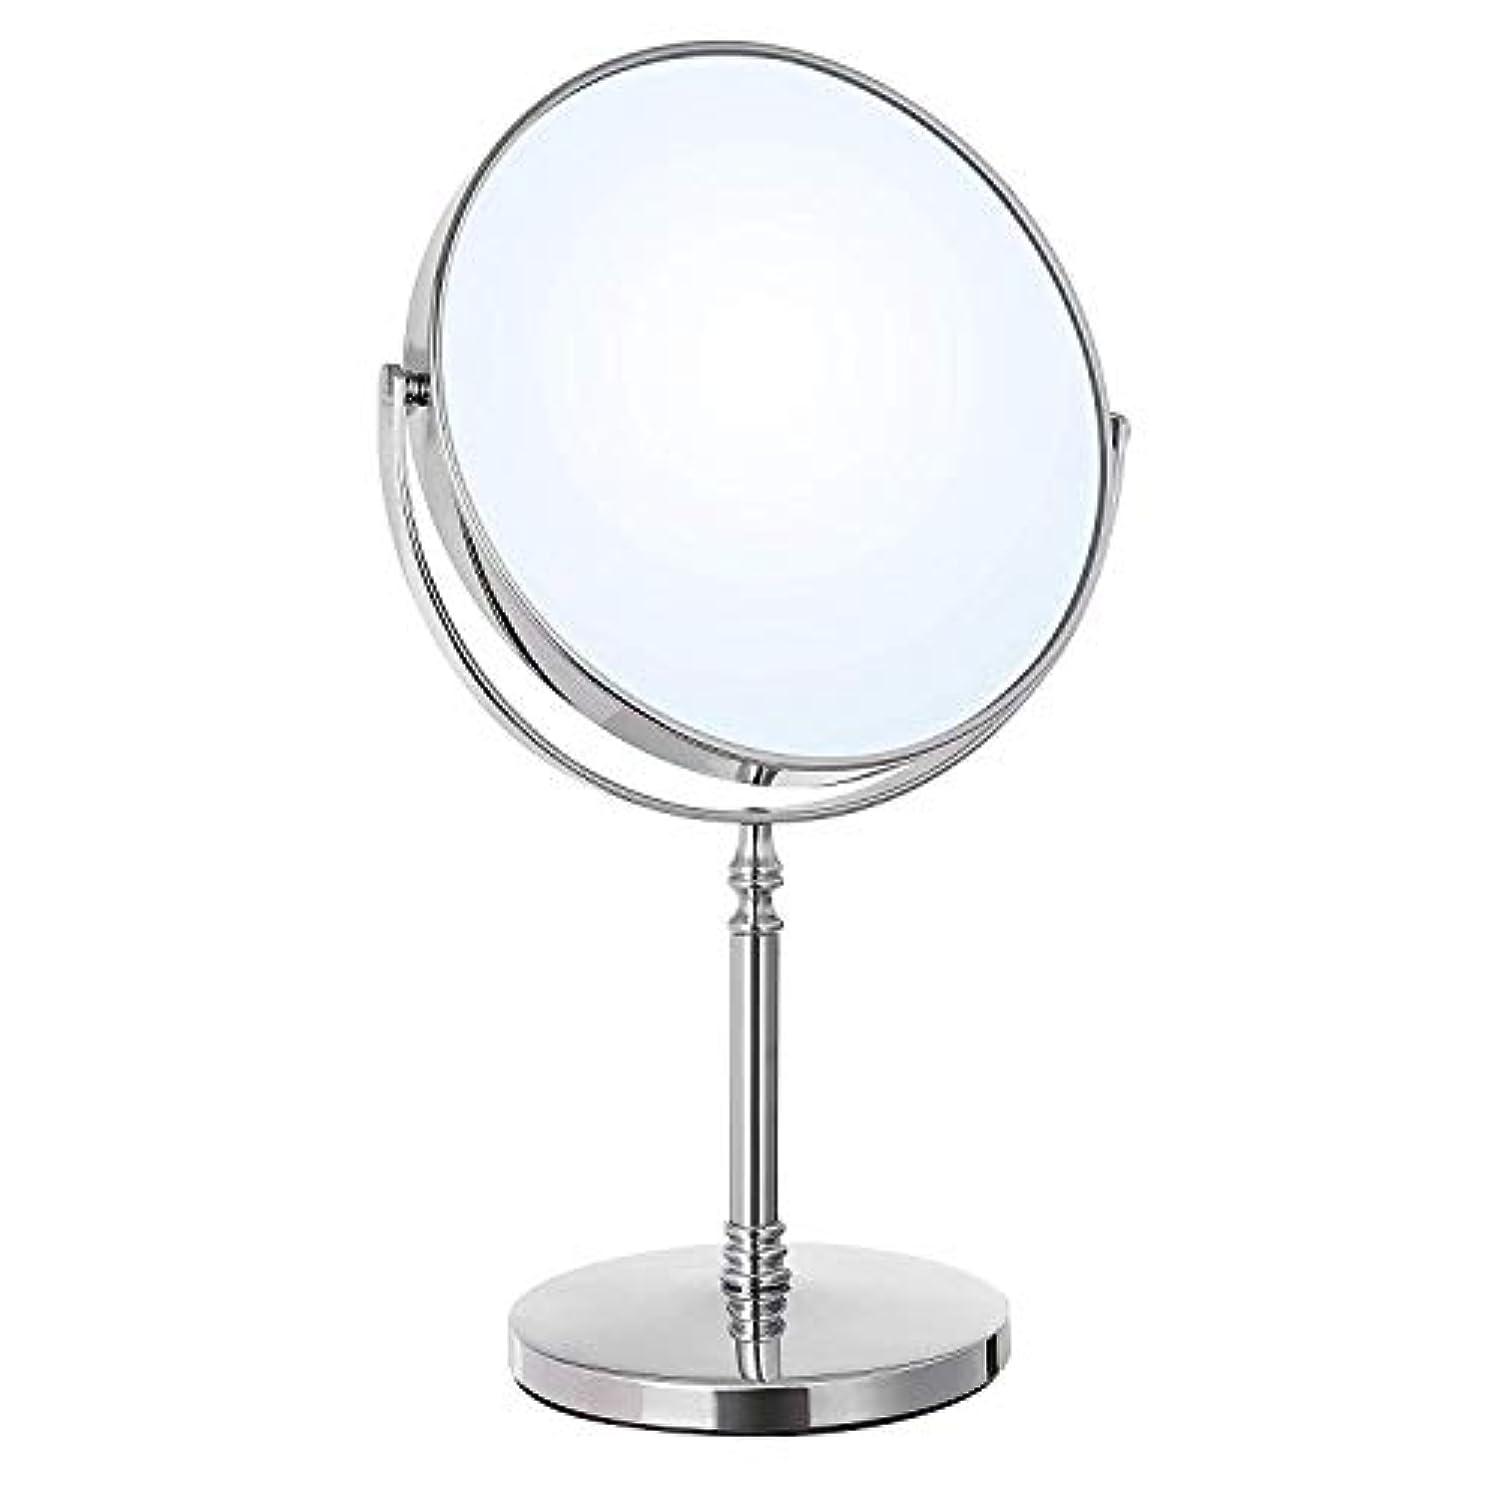 摂氏度ポータブルテクトニック化粧ミラー 鏡 卓上 化粧鏡 両面鏡 3倍拡大鏡 360°回転 女優ミラー スタンド インテリアミラー 飛散防止 丸 光学レズン高解像度 ファッション シルバー (鏡面直径18cm)